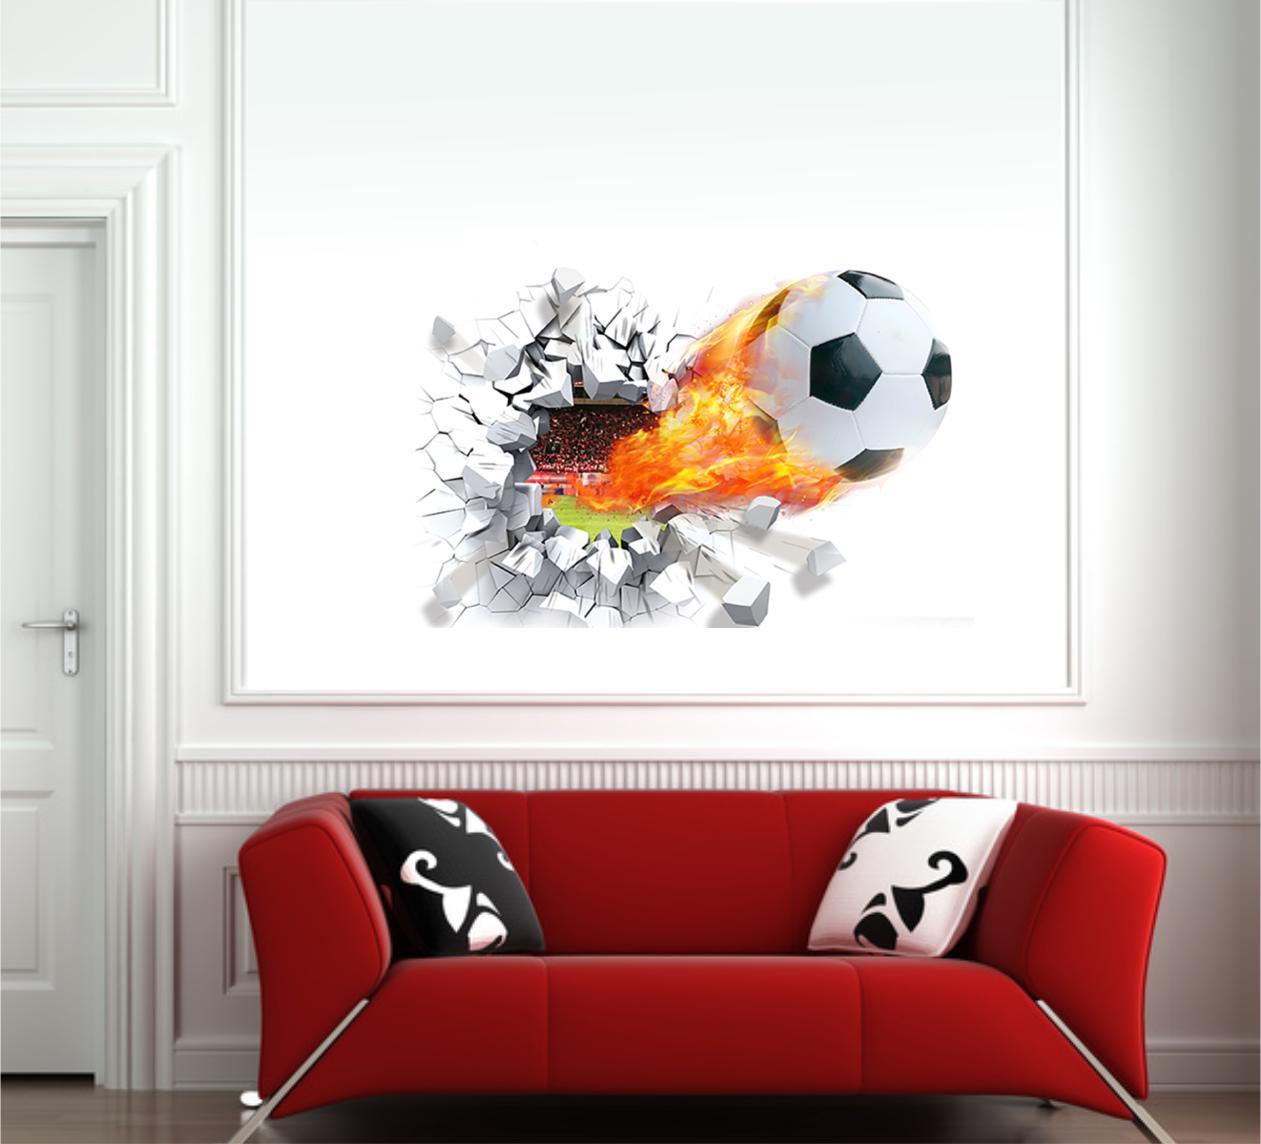 Exquisit Wandtattoo Fußball Dekoration Von 3d Fußball - Fussball Wanddurchbruch - Jetzt